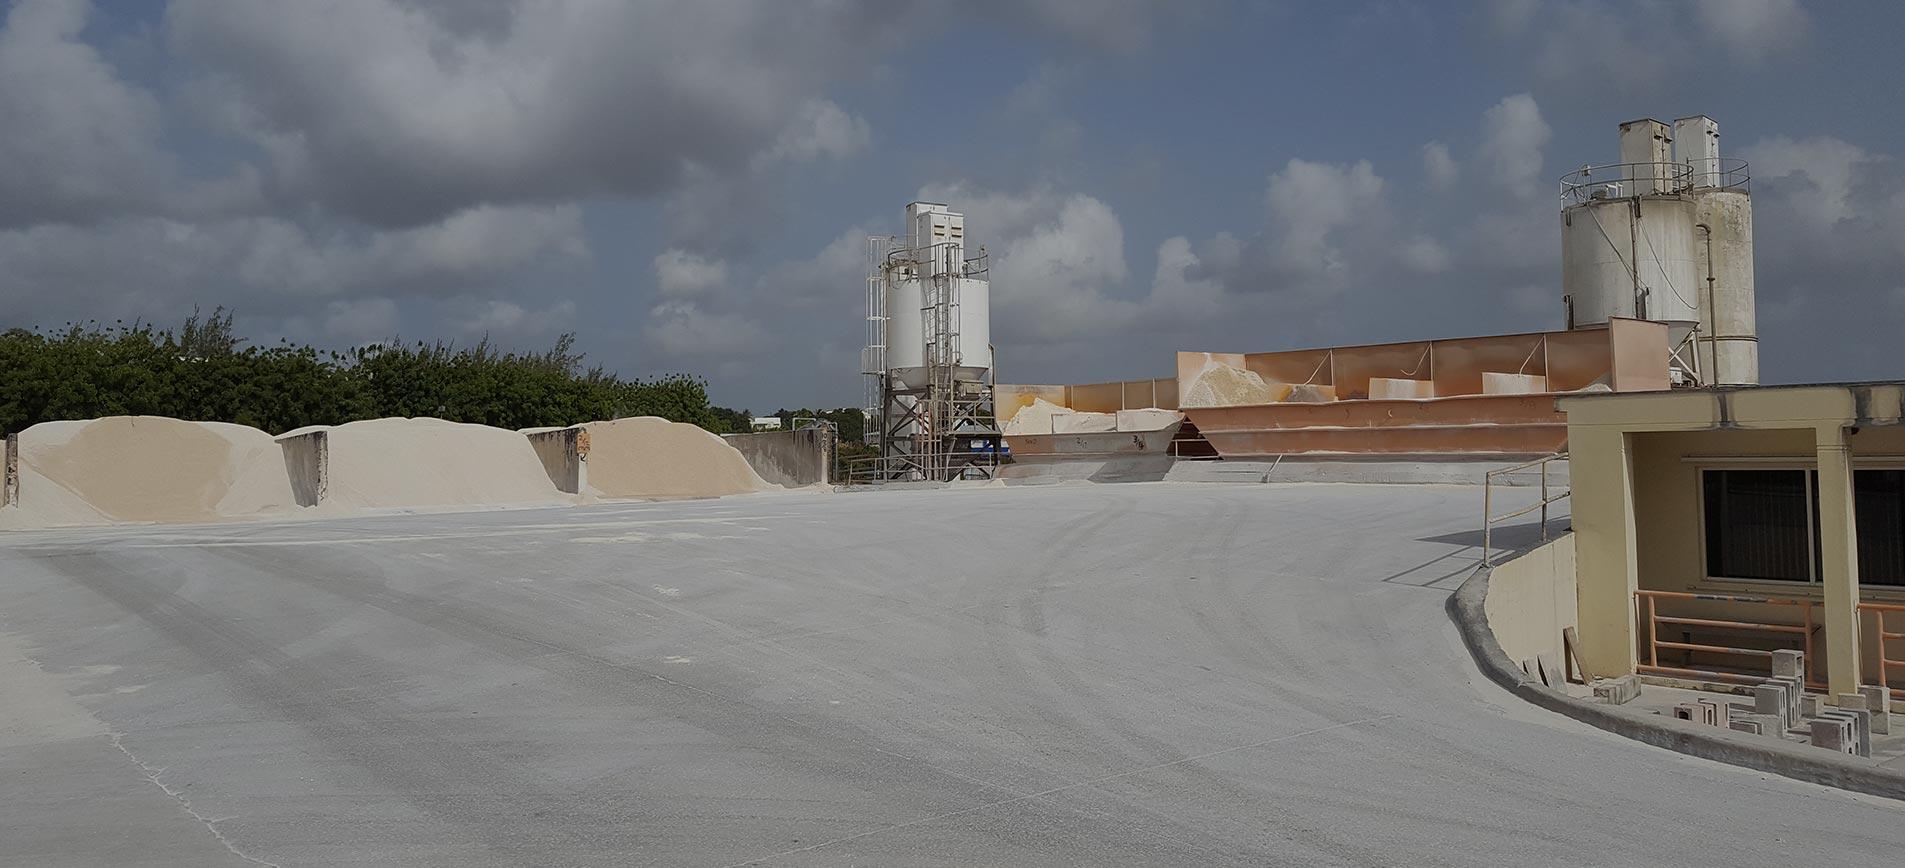 Concrete plant